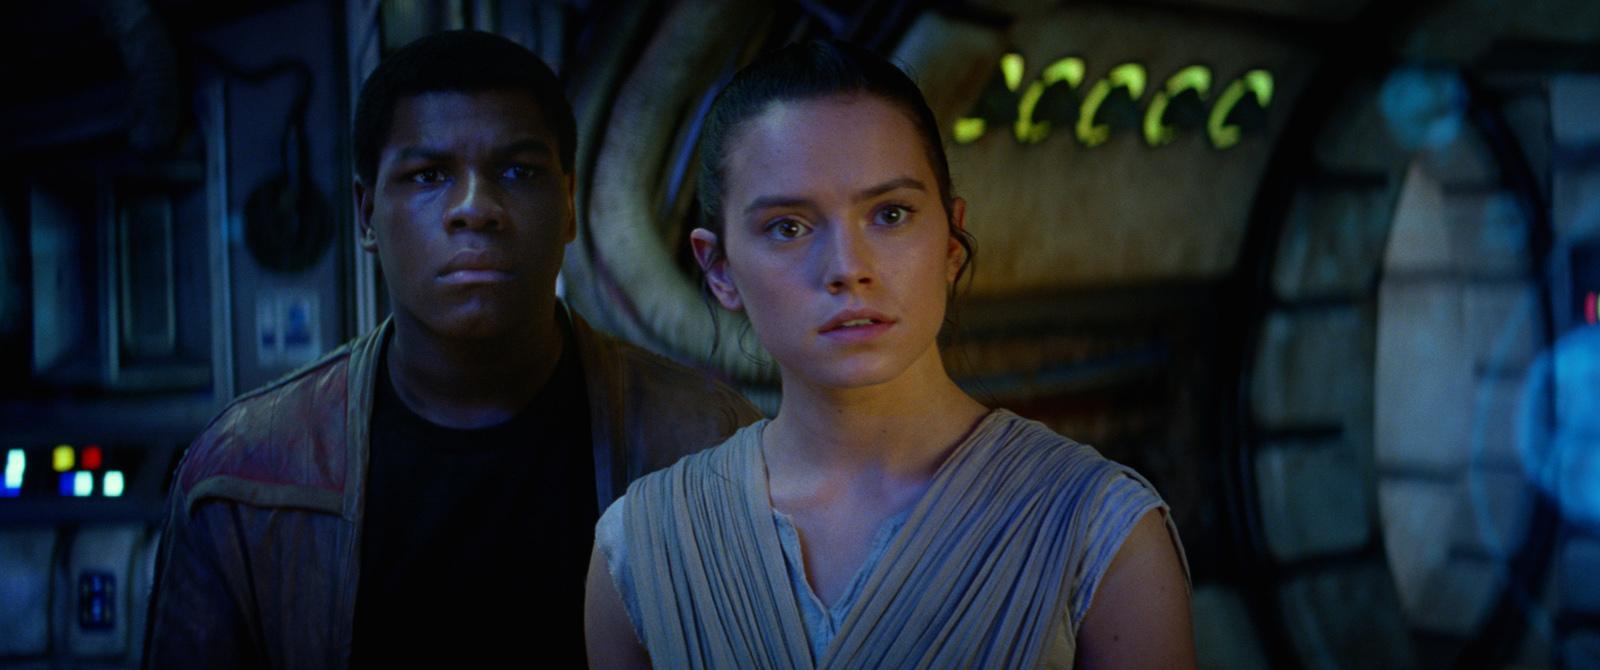 Star-Wars-Le-Réveil-de-la-Force-Daisy-Ridley